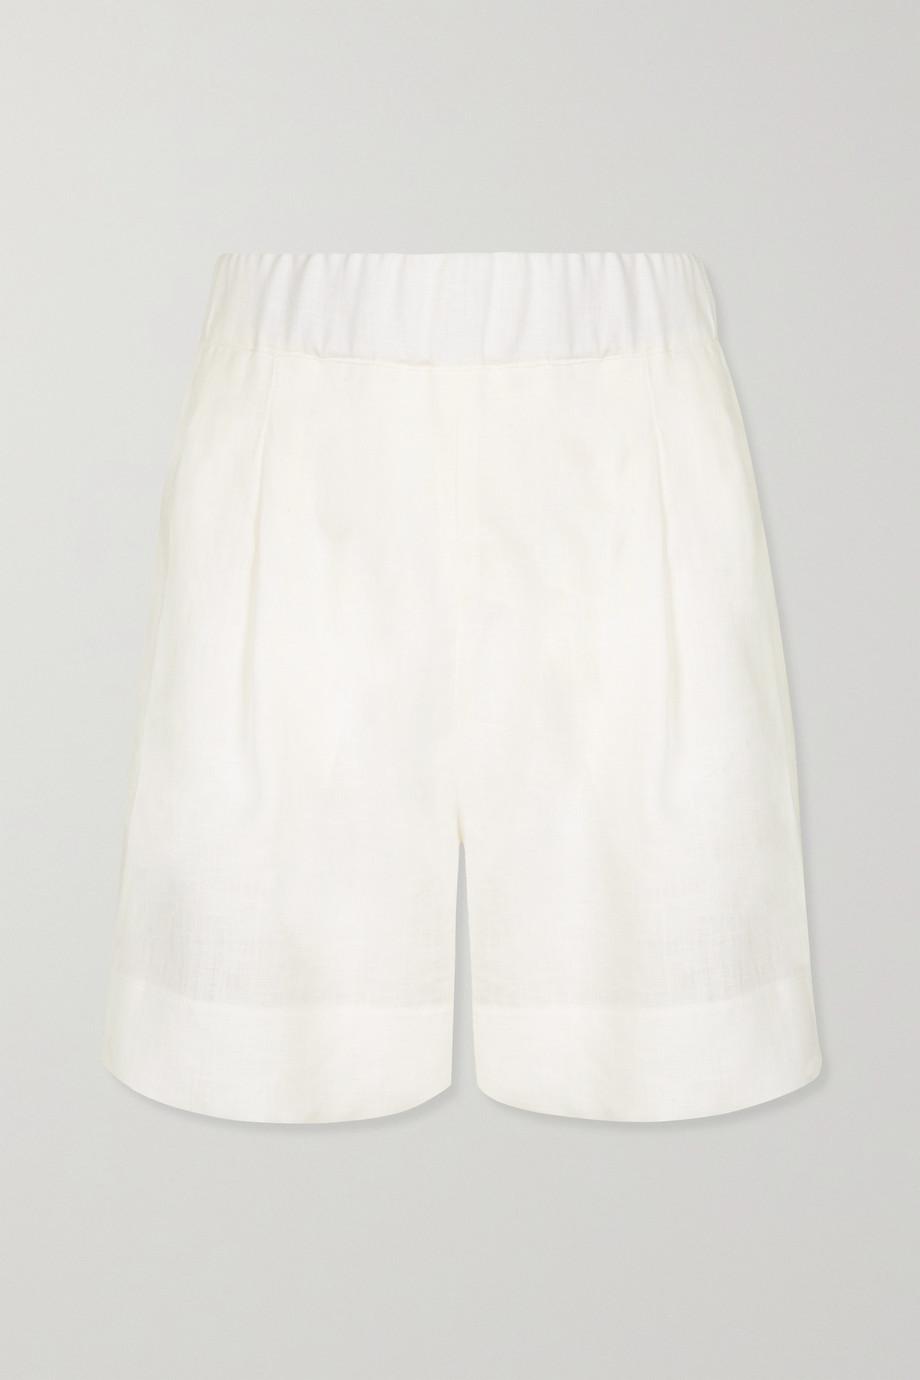 ASCENO Zurich 有机亚麻短裤